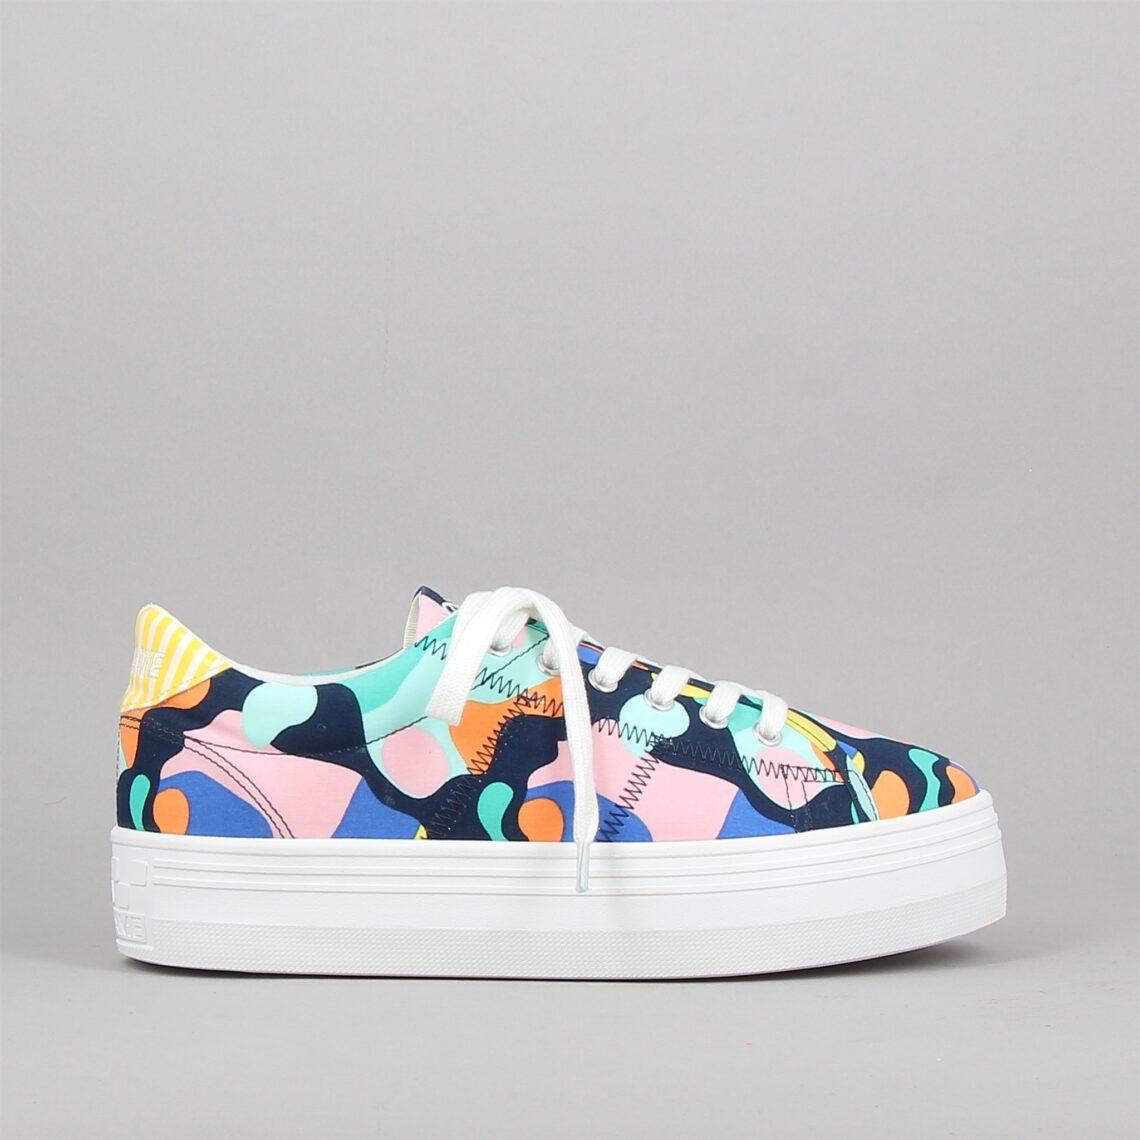 plato m sneaker pop